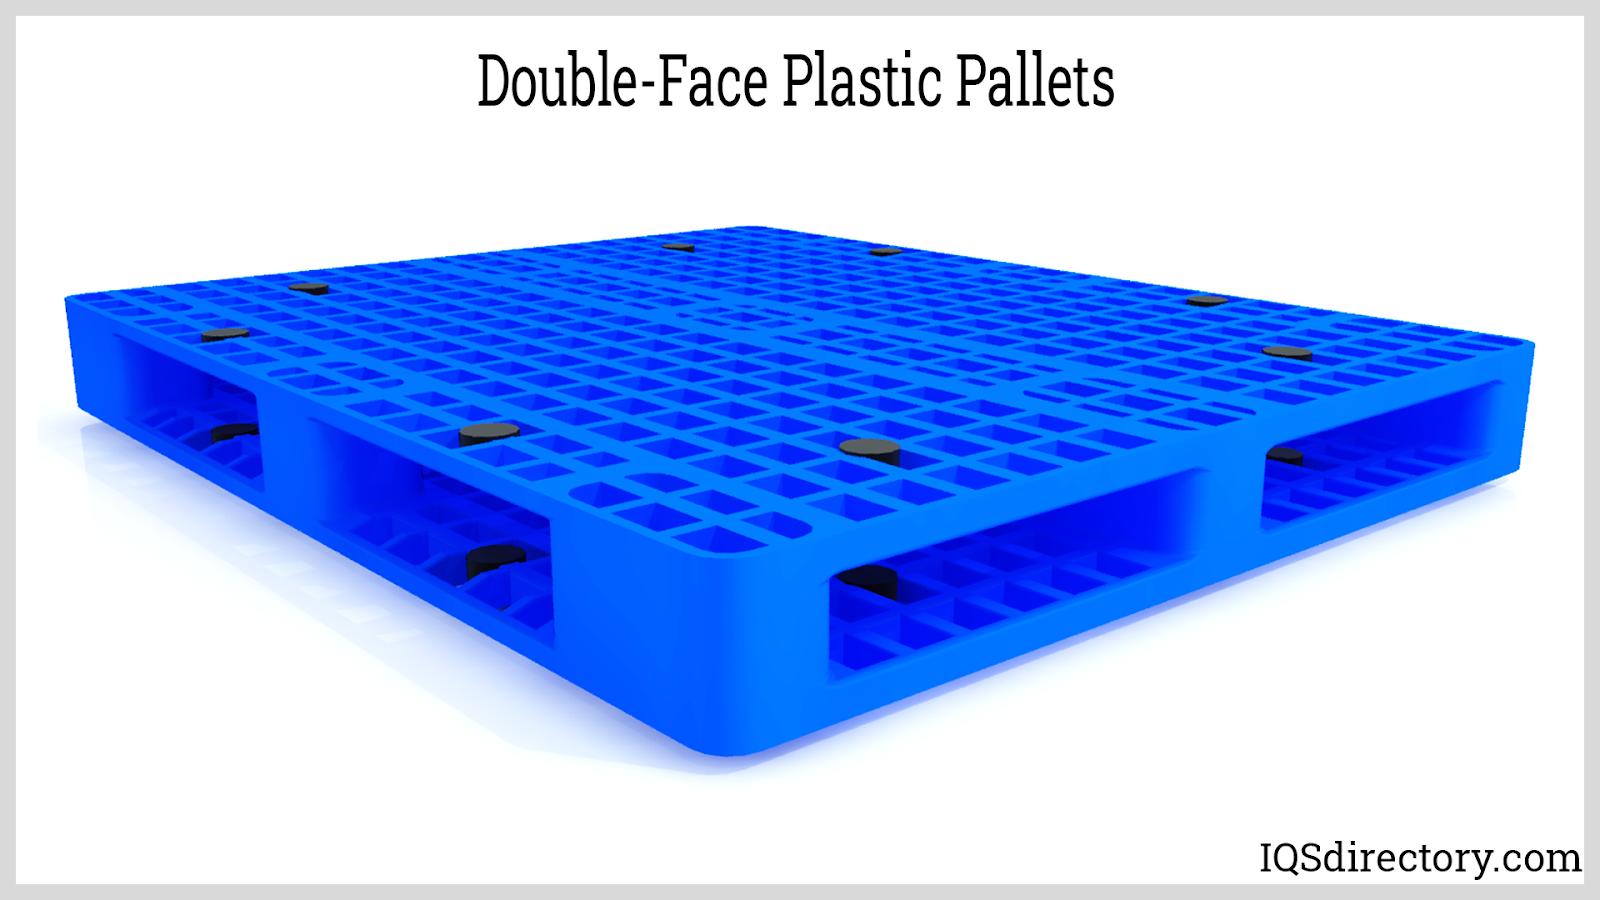 Double-Face Plastic Pallets